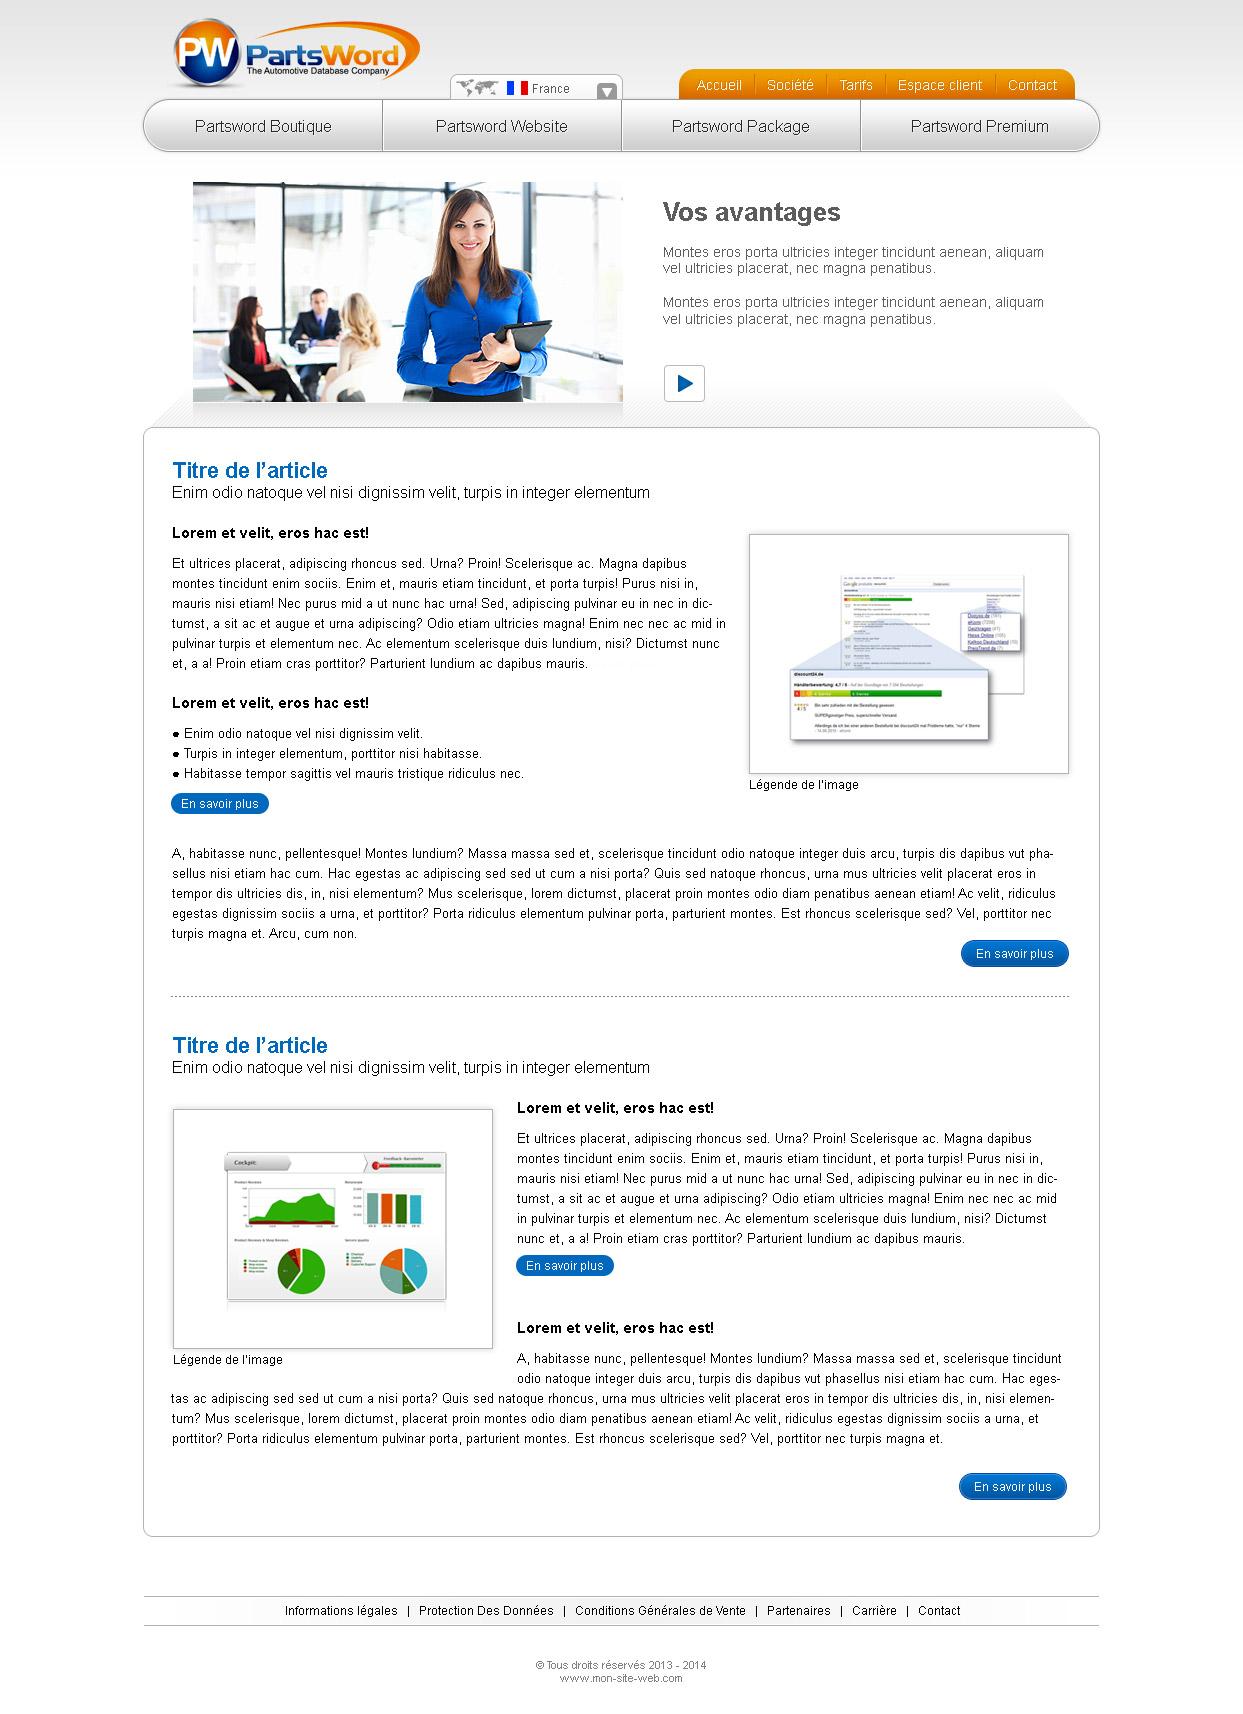 Création graphique page web